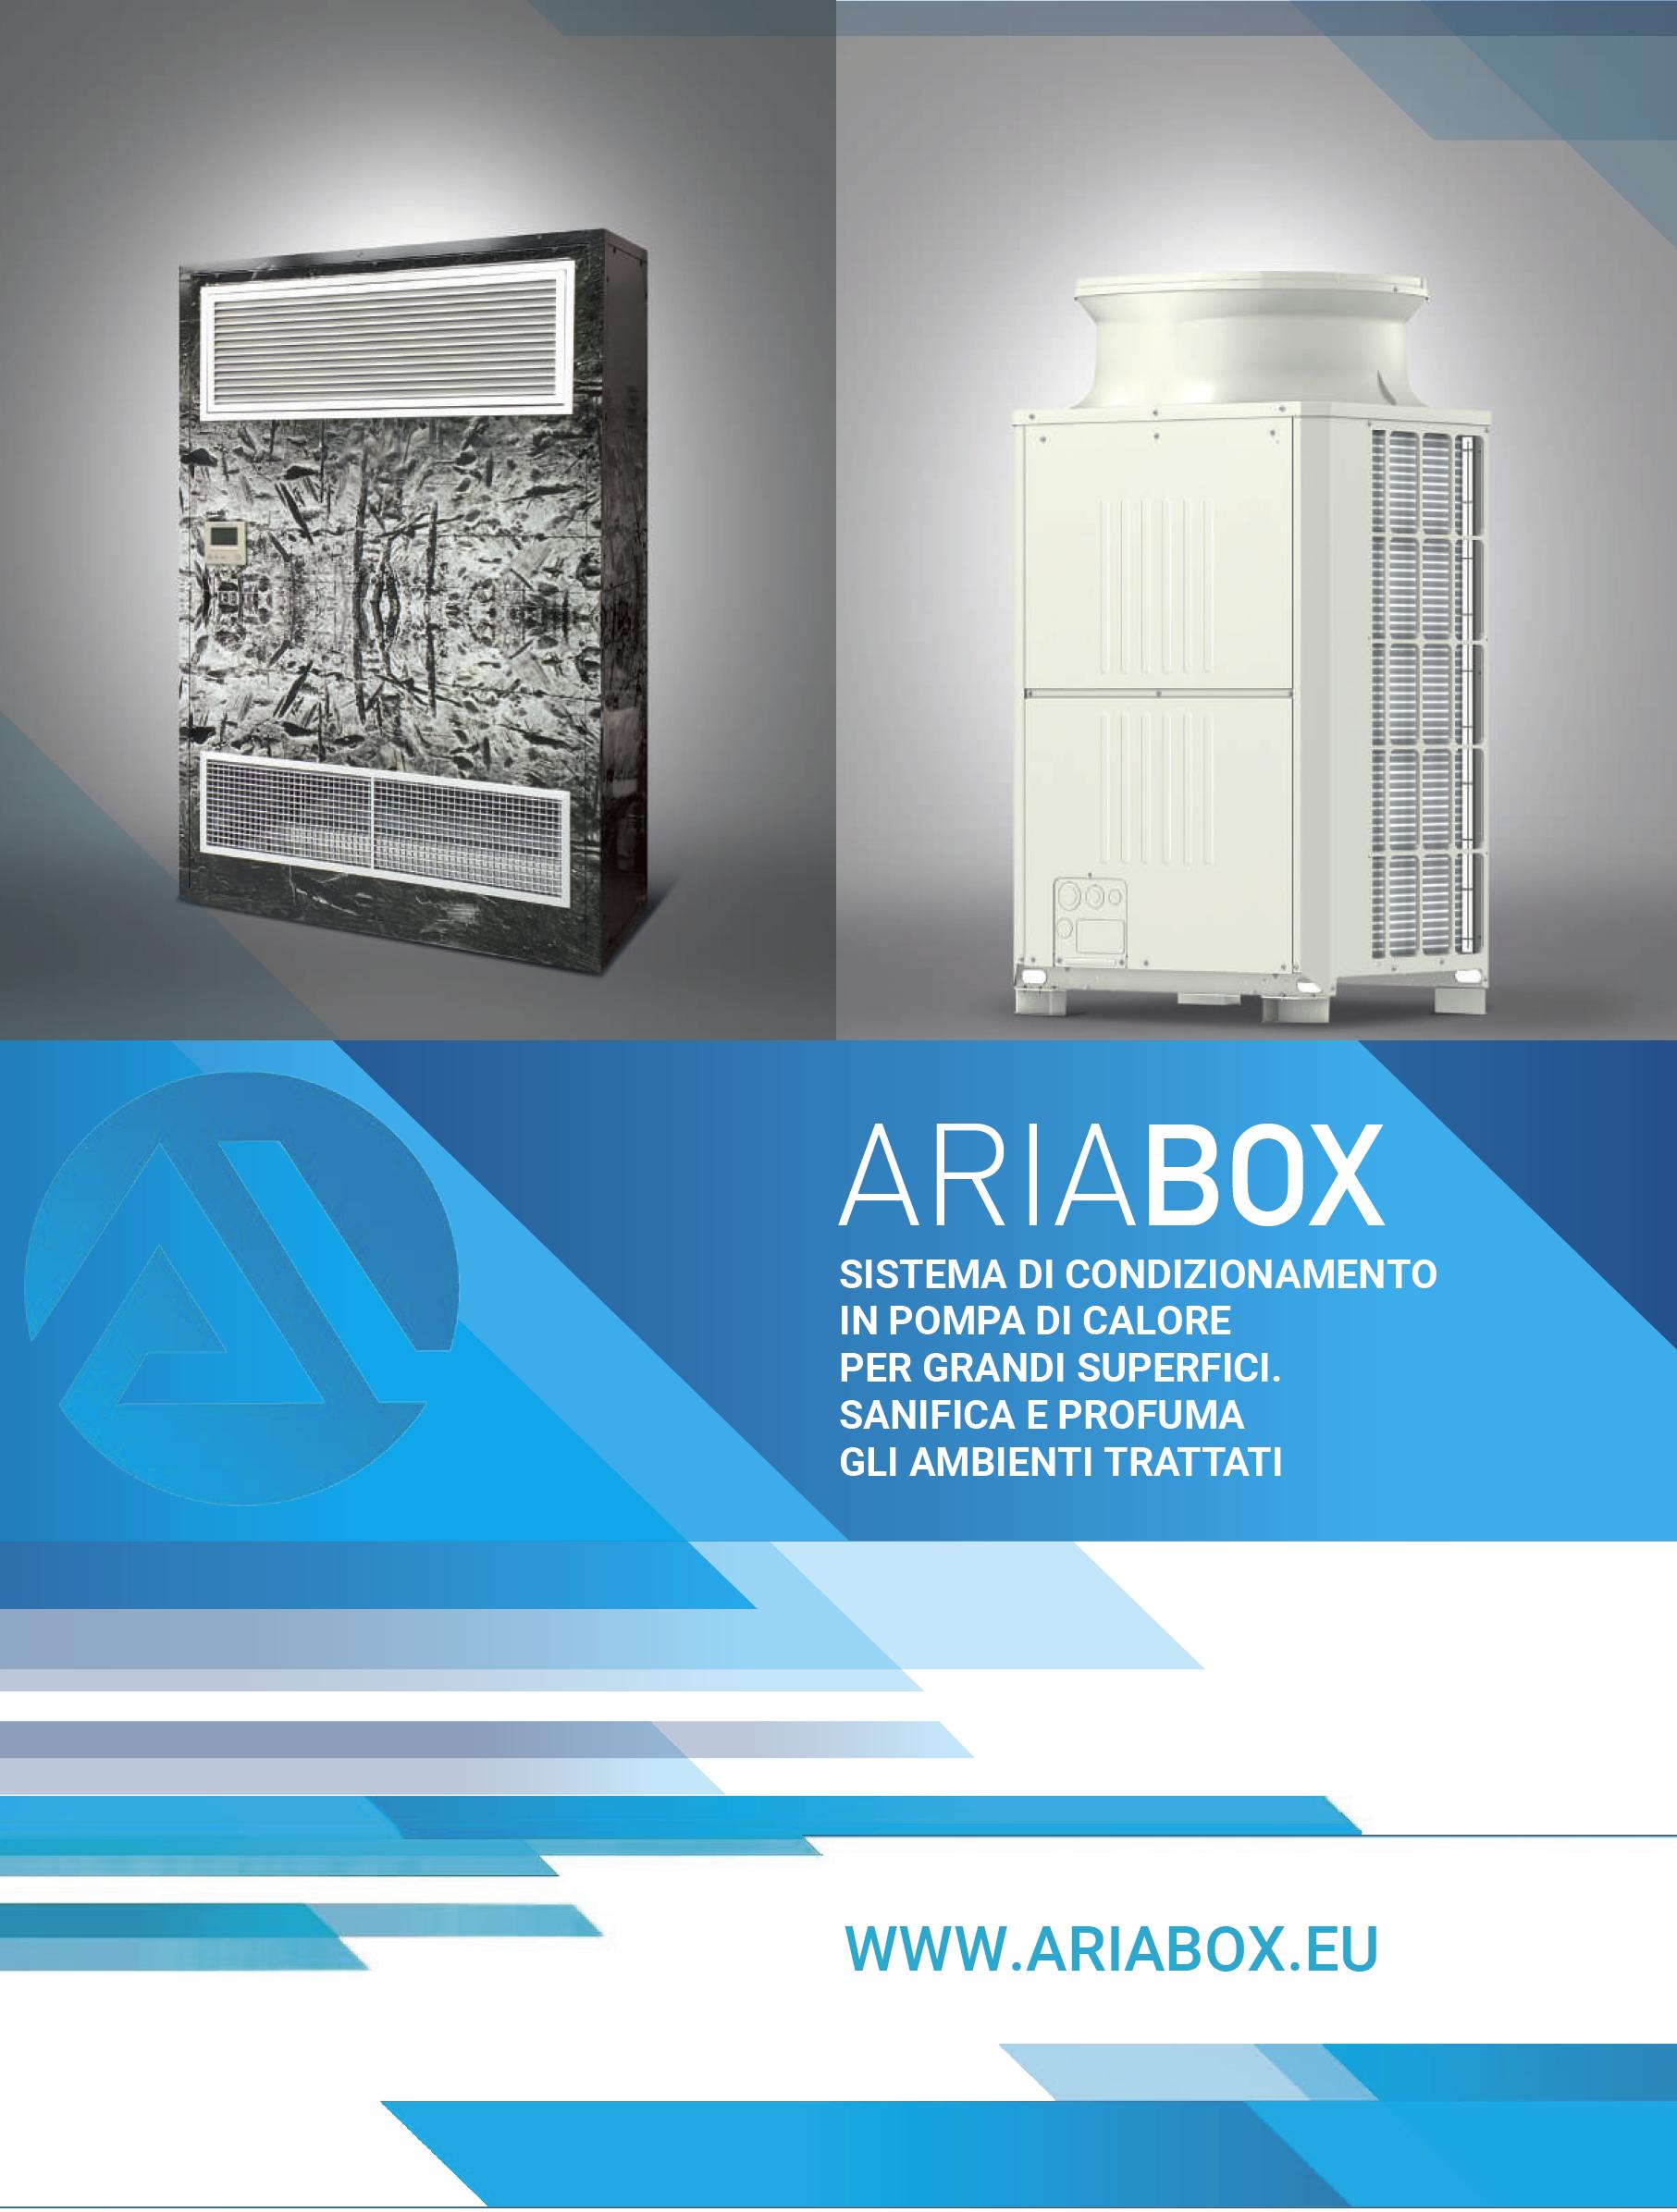 Come Riscaldare Ambienti Grandi brescia - ariabox pompa di calore per grandi superfici